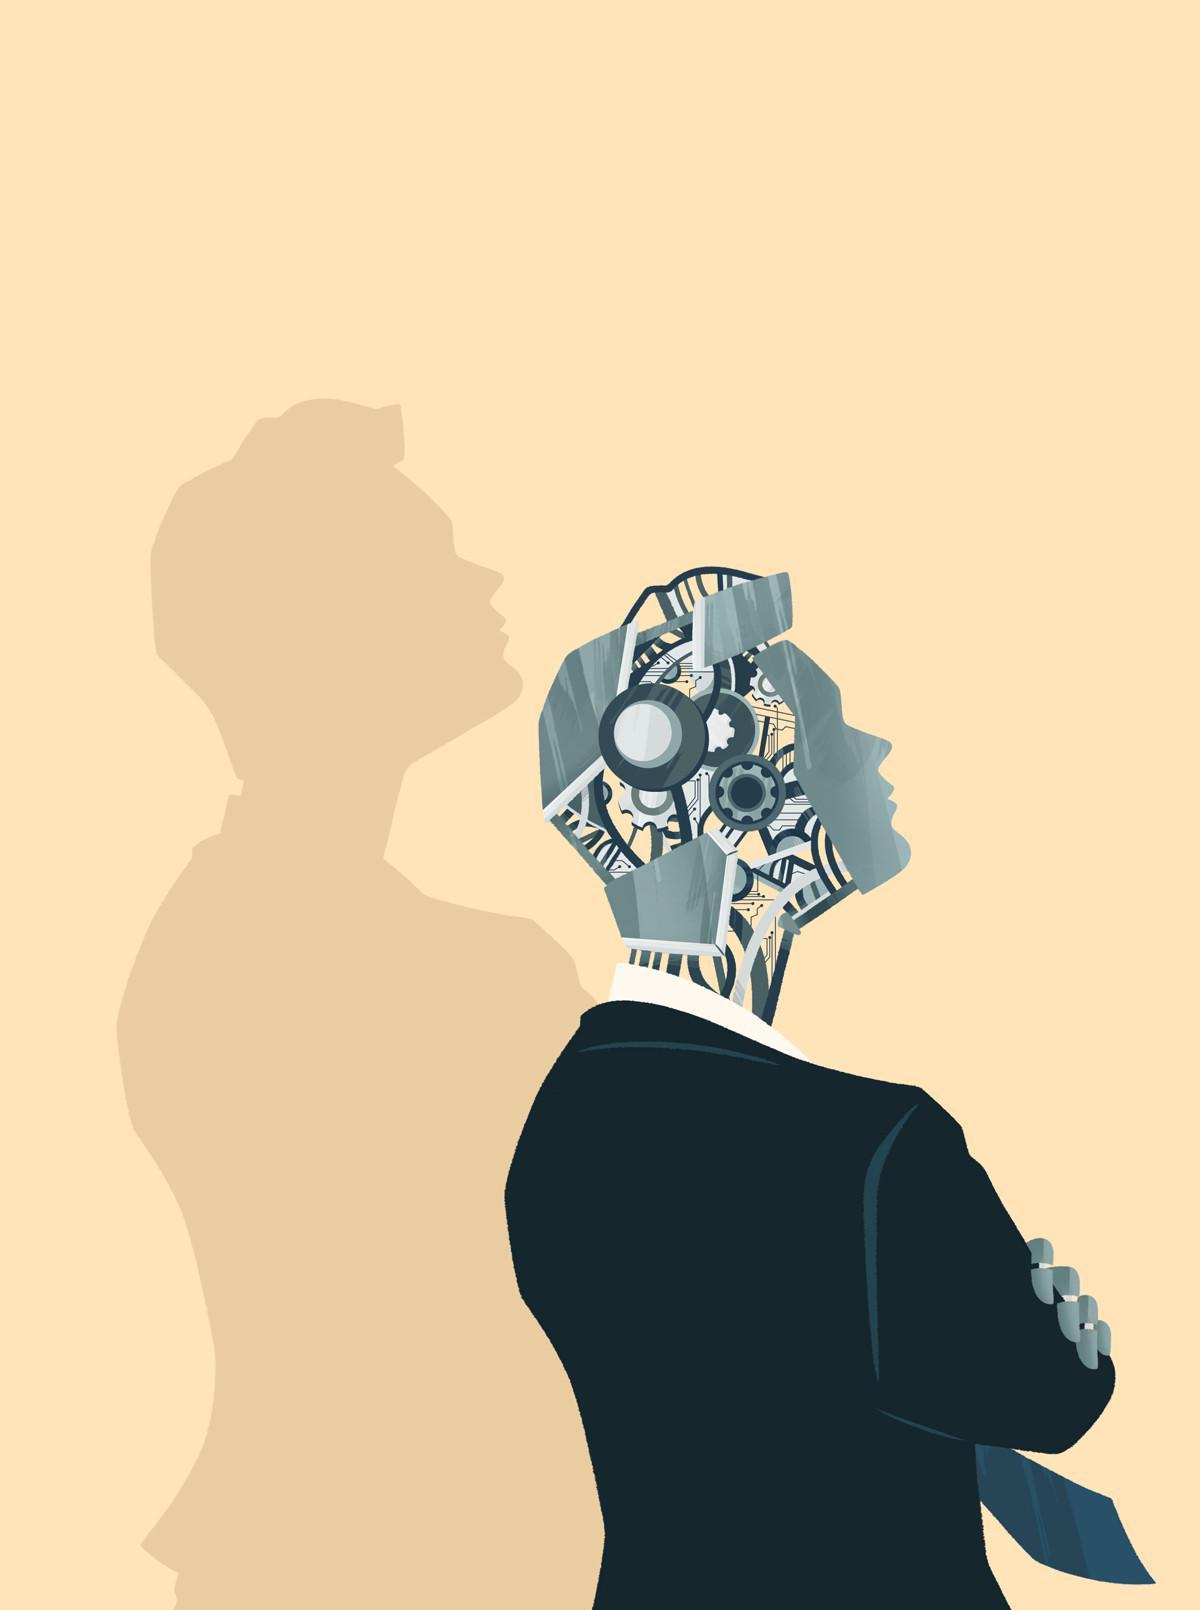 AI on the rise